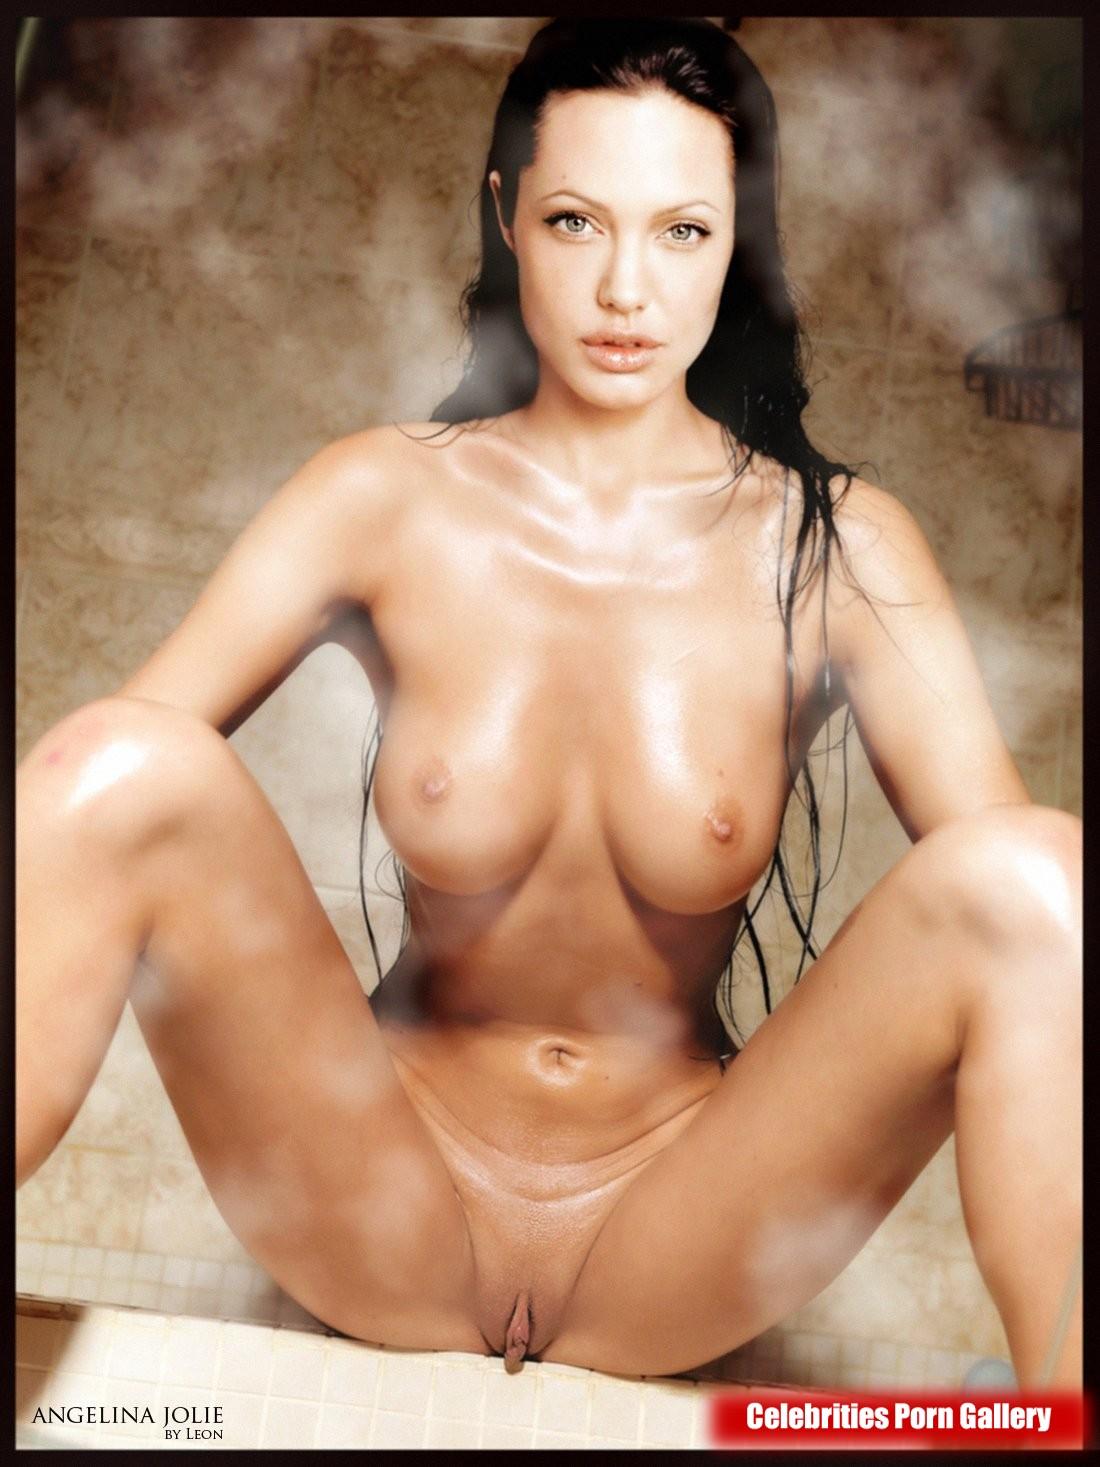 A jolie nude